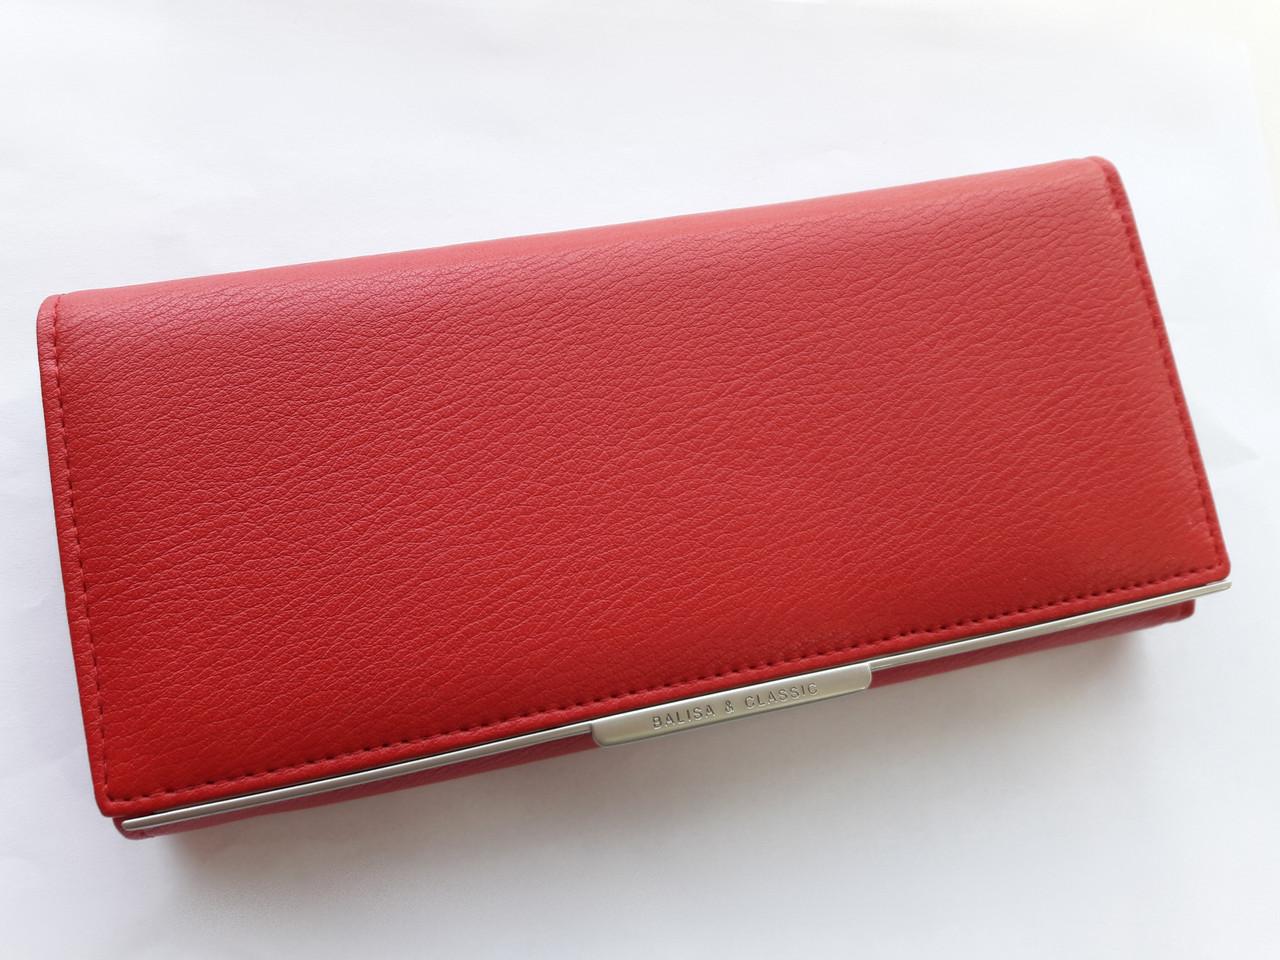 Женский кошелек Balisa С88200-145 красный Кошельки Balisa оптом по низким ценам